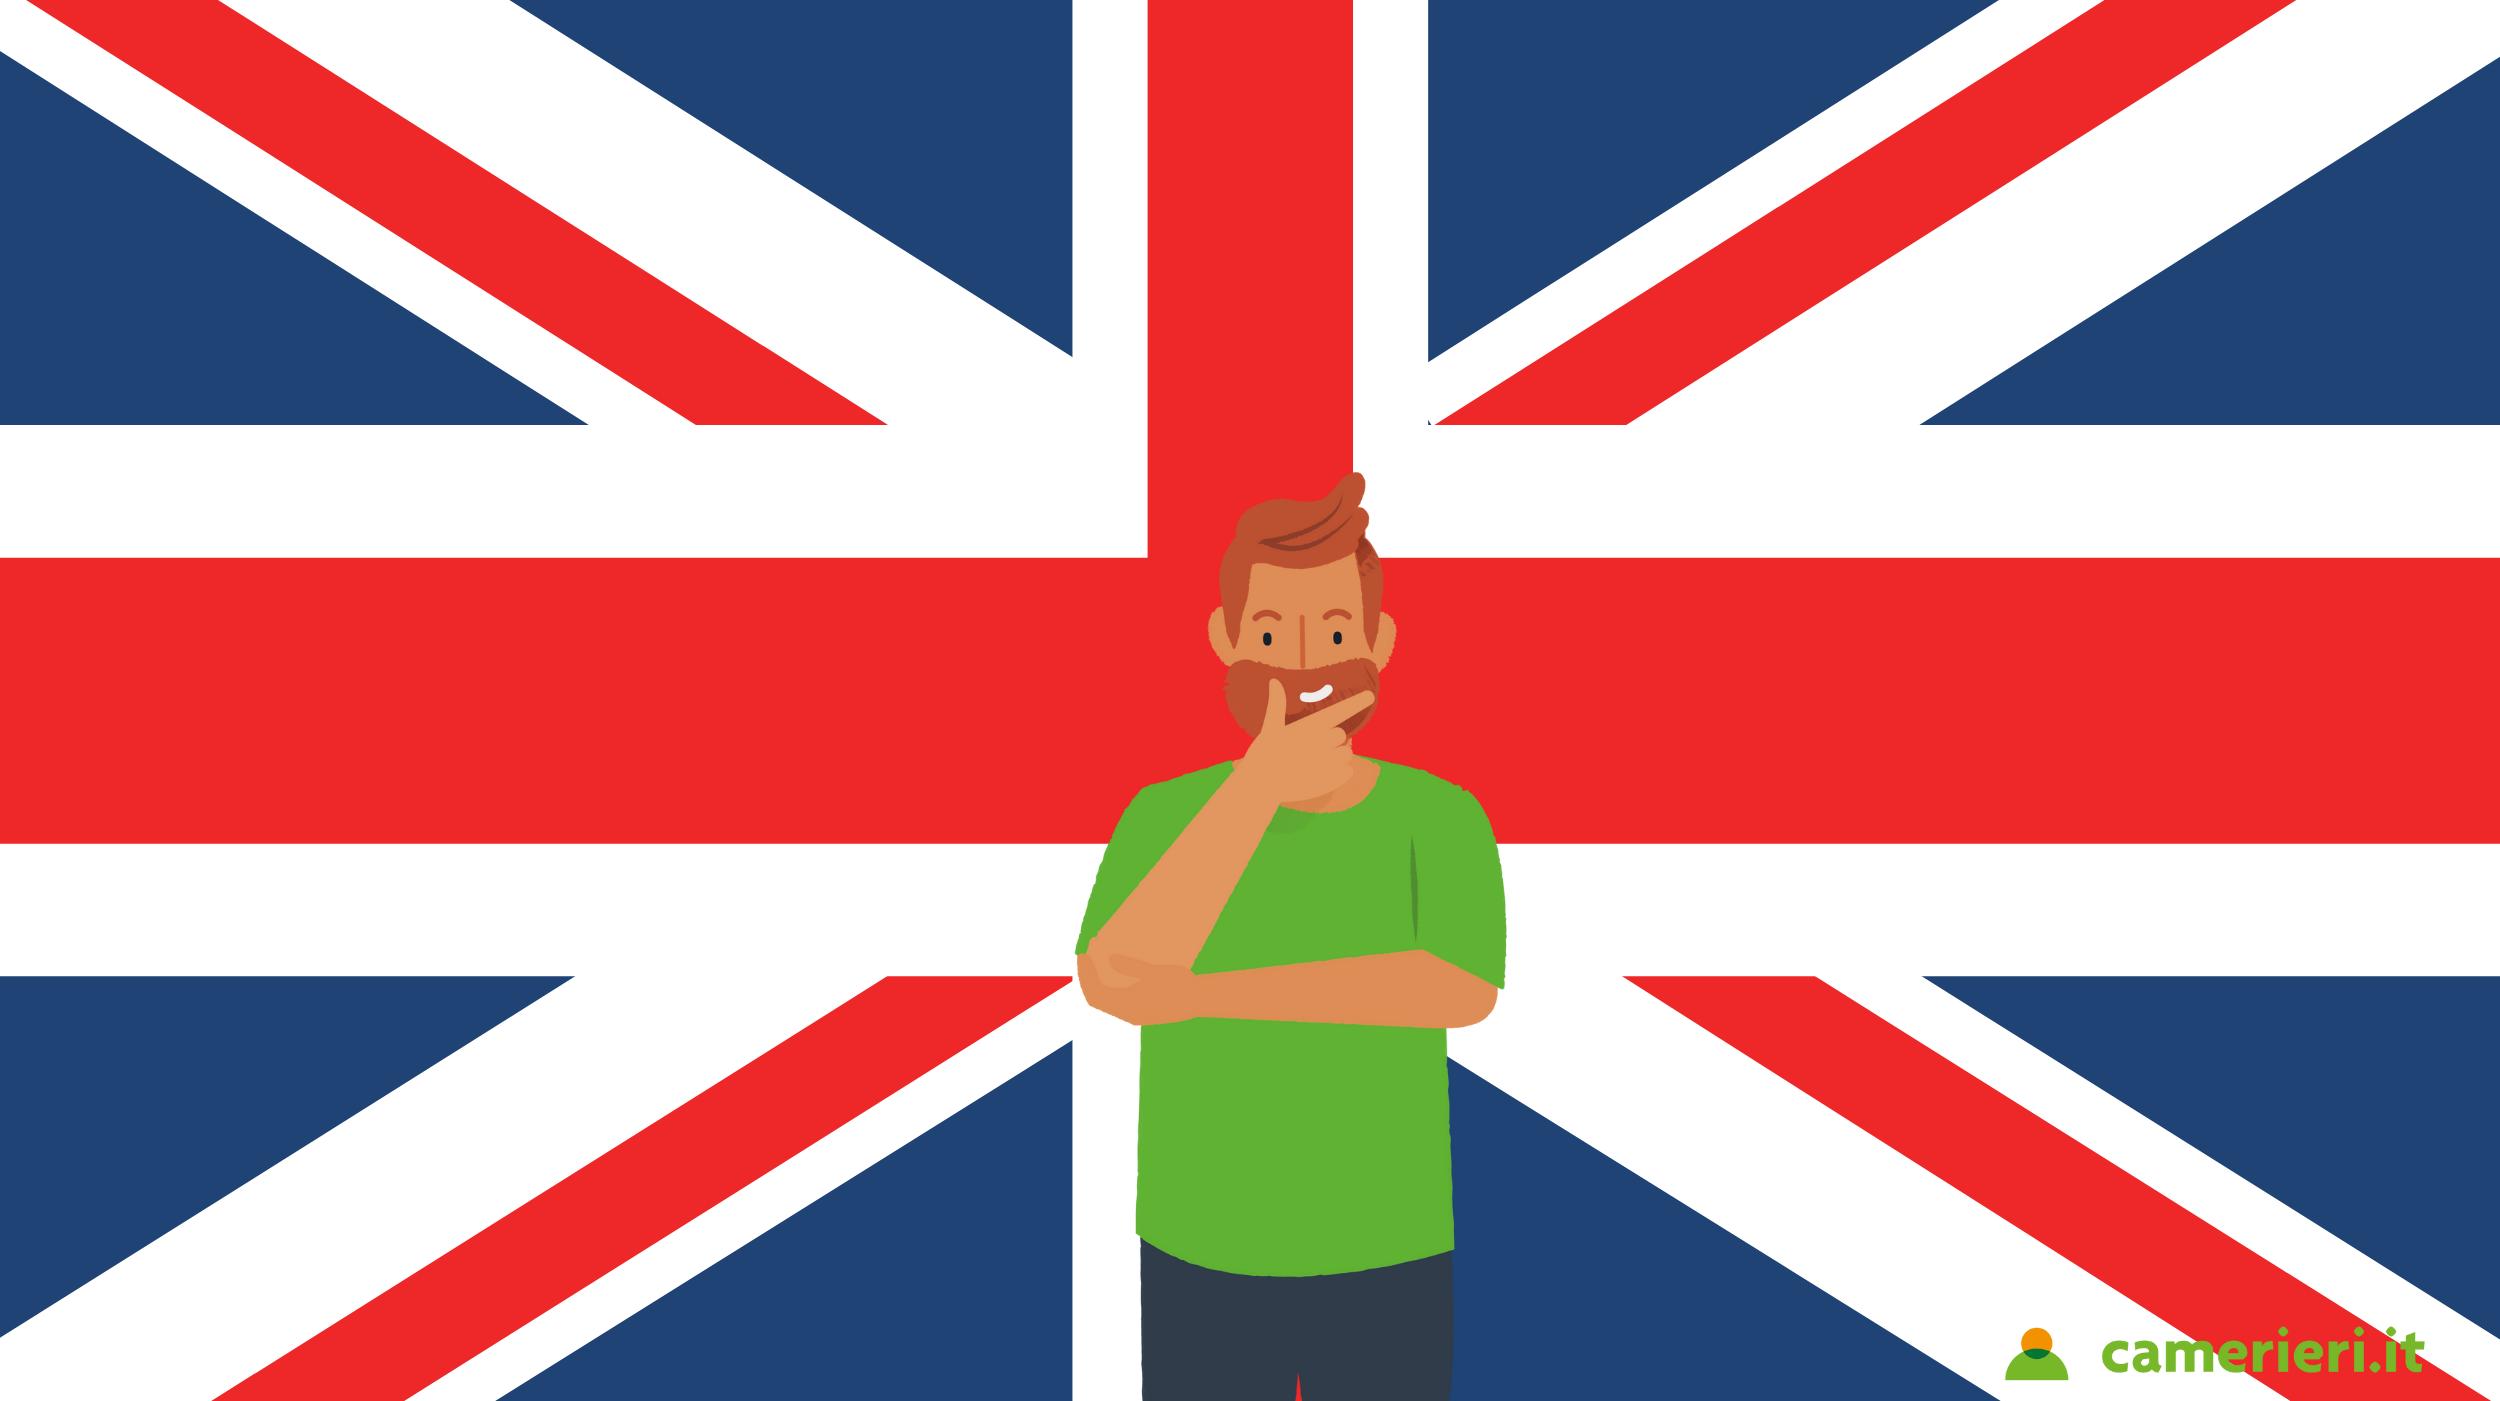 Lavorare come cameriere a Londra con la brexit